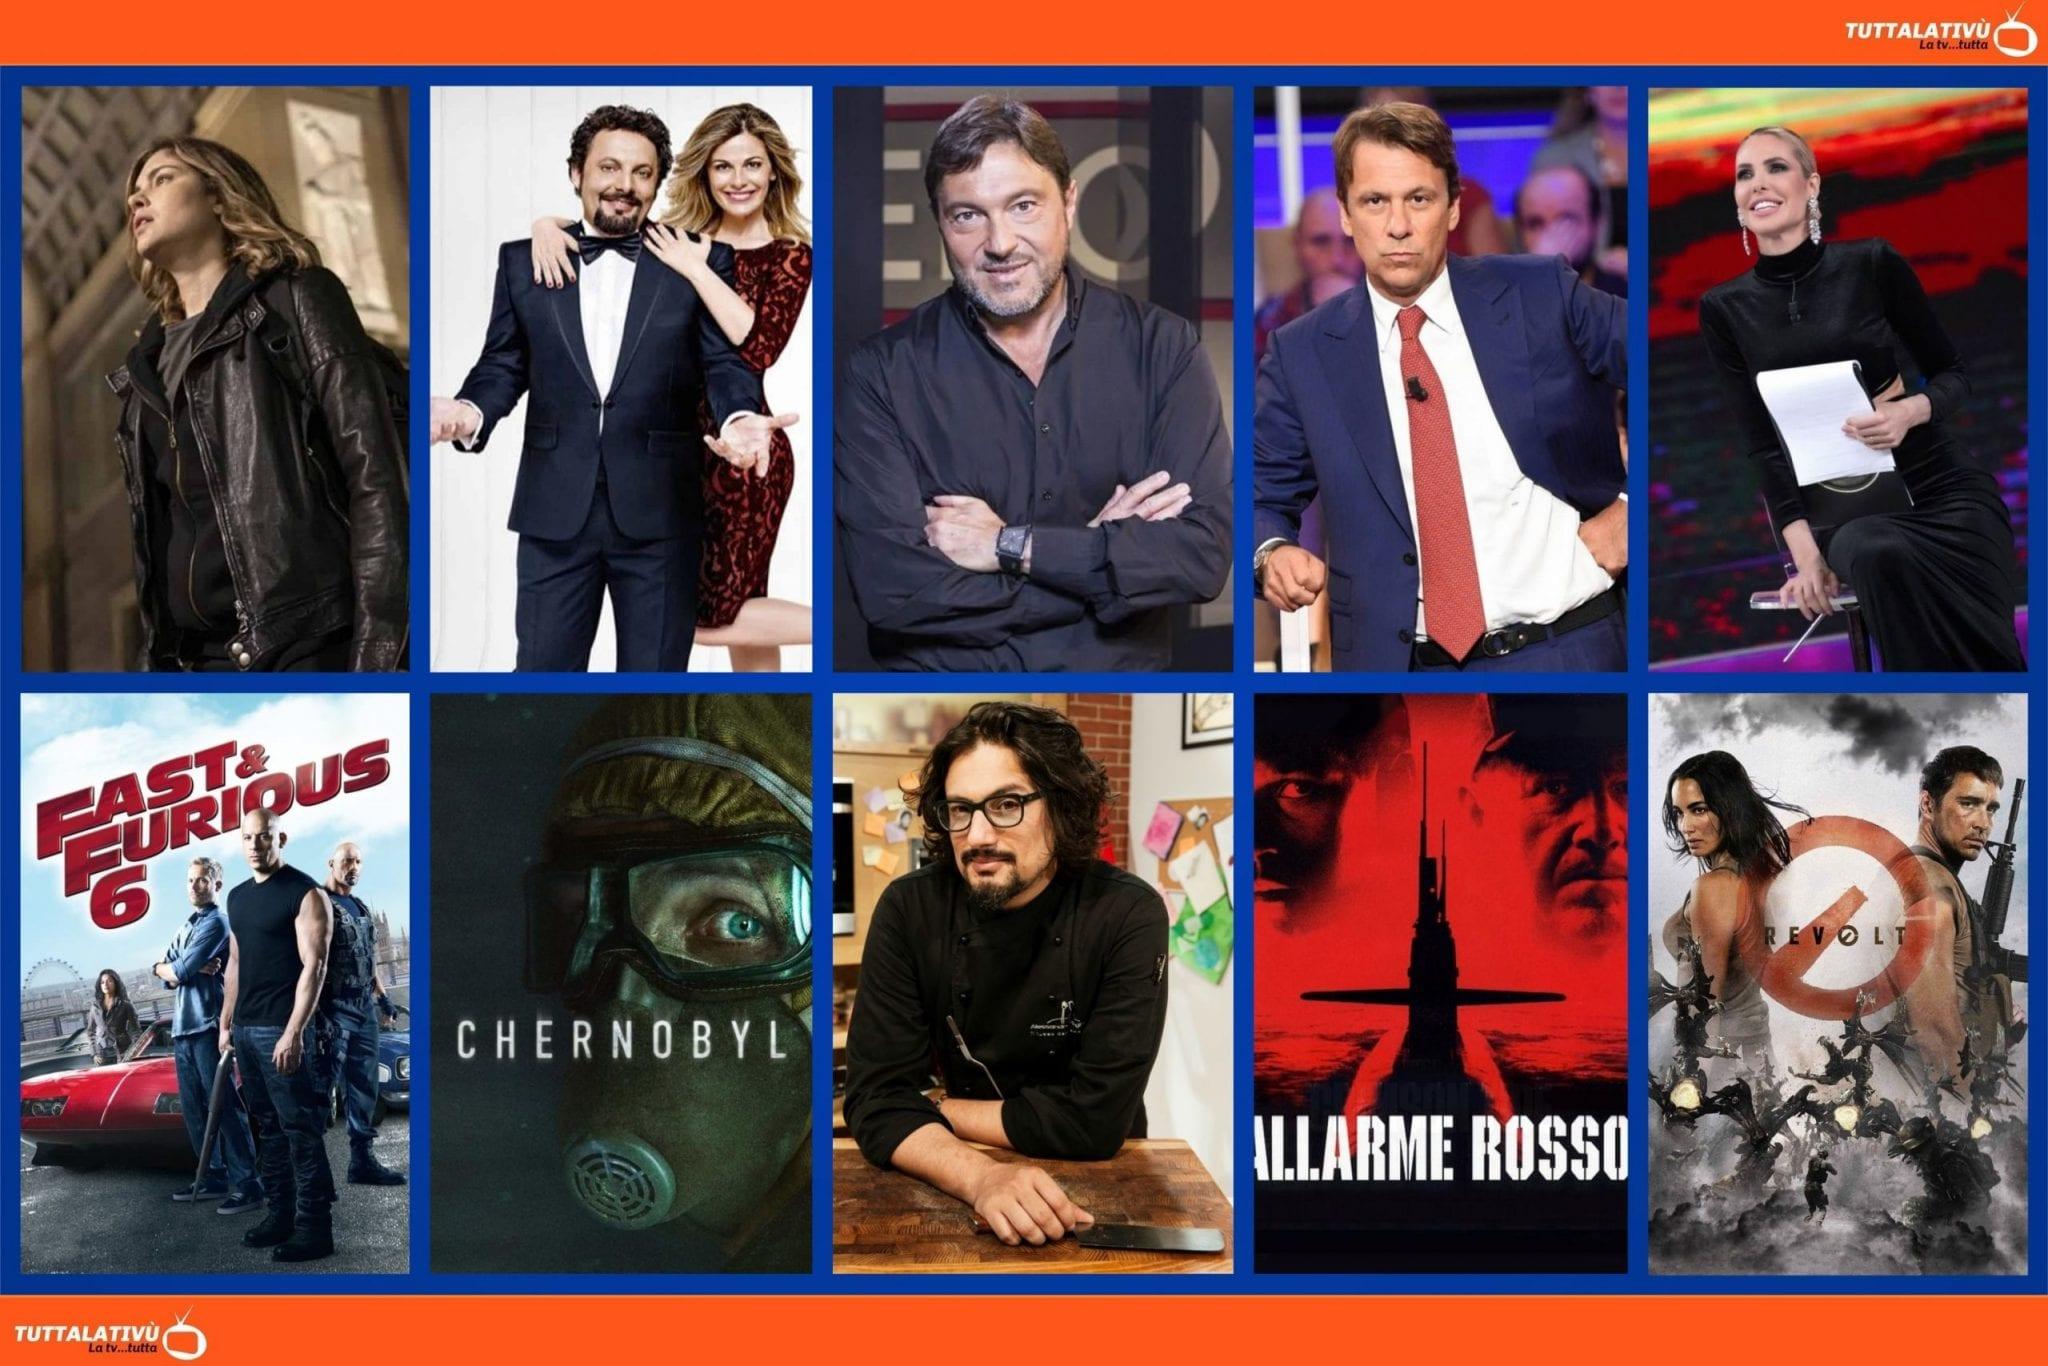 GuidaTV 19 Aprile 2021 · La fuggitiva, L'Isola dei famosi, Report, Fast & Furious 6, Tutte lo vogliono, Quarta Repubblica, la serie Chernobyl, Revolt